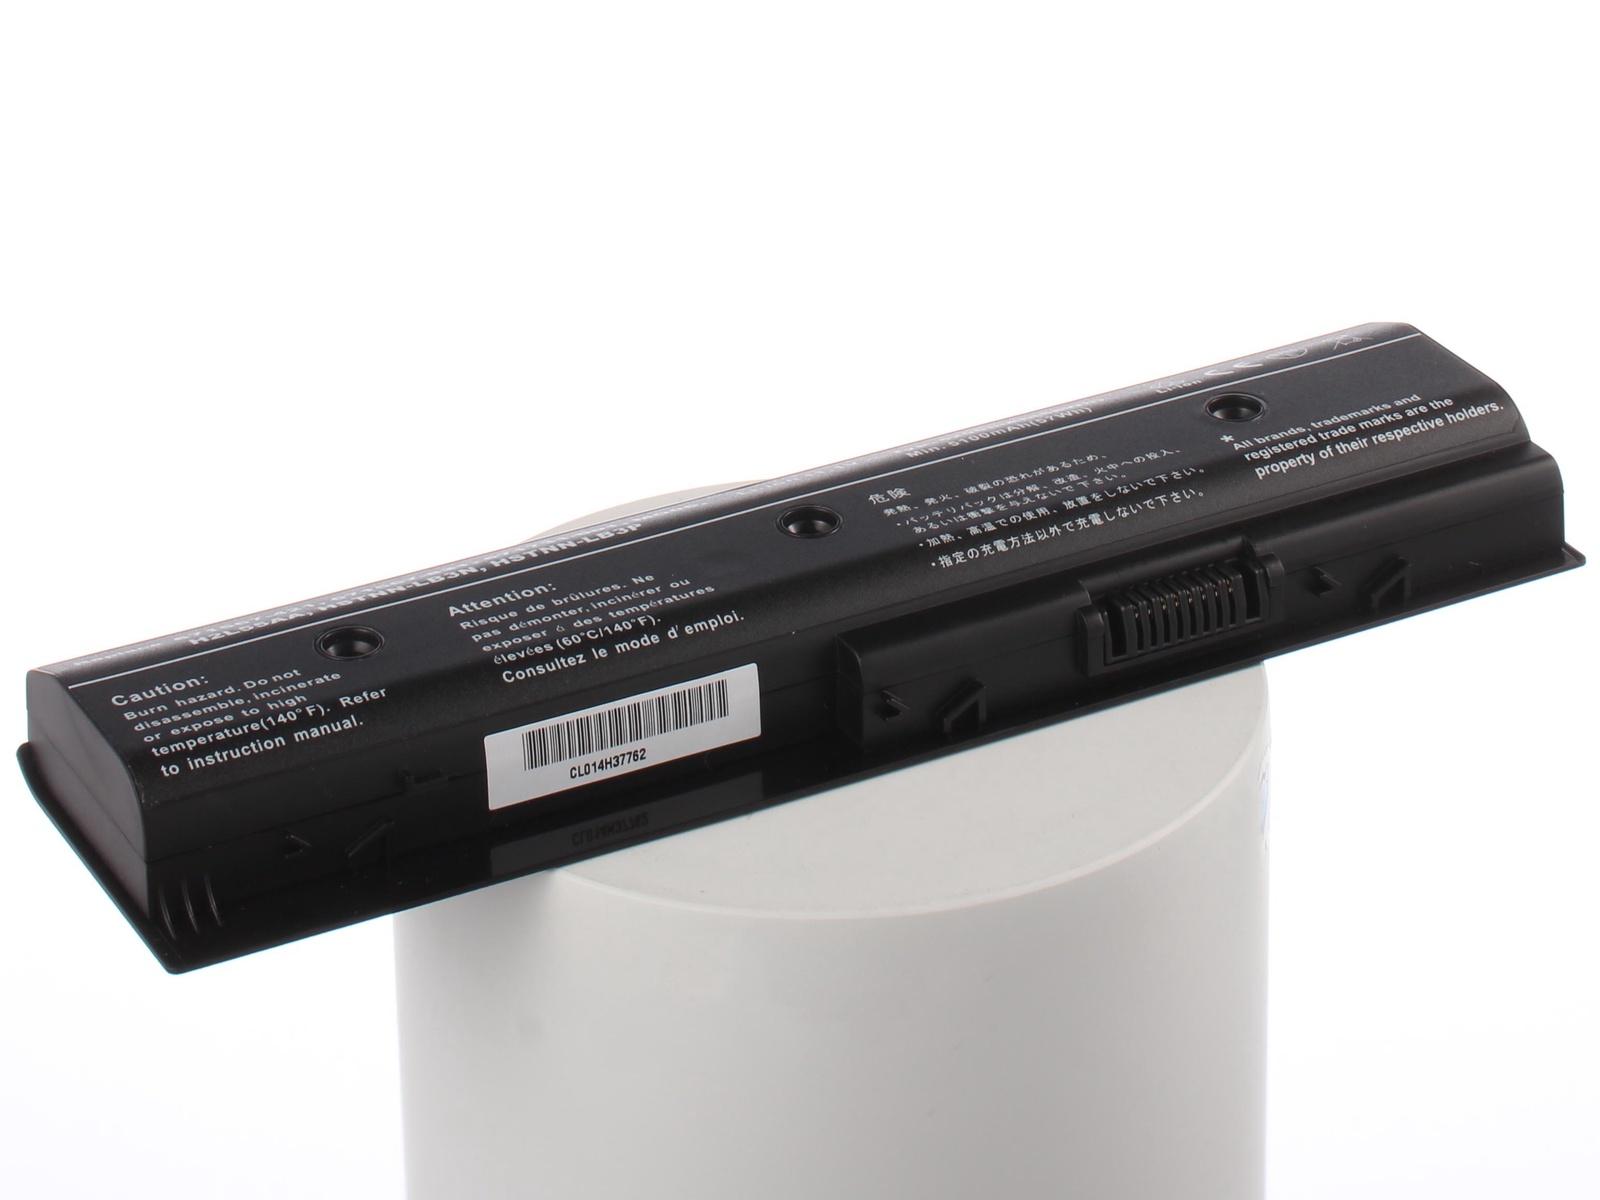 Аккумулятор для ноутбука iBatt для HP-Compaq ENVY dv6-7352er, ENVY m6-1262er, Envy dv6-7380er, ENVY m6-1263er, ENVY dv6-7260er, Pavilion dv6-7173er, ENVY dv6-7261er, ENVY dv7-7263er, ENVY m6-1251er, Pavilion m6-1042er цена